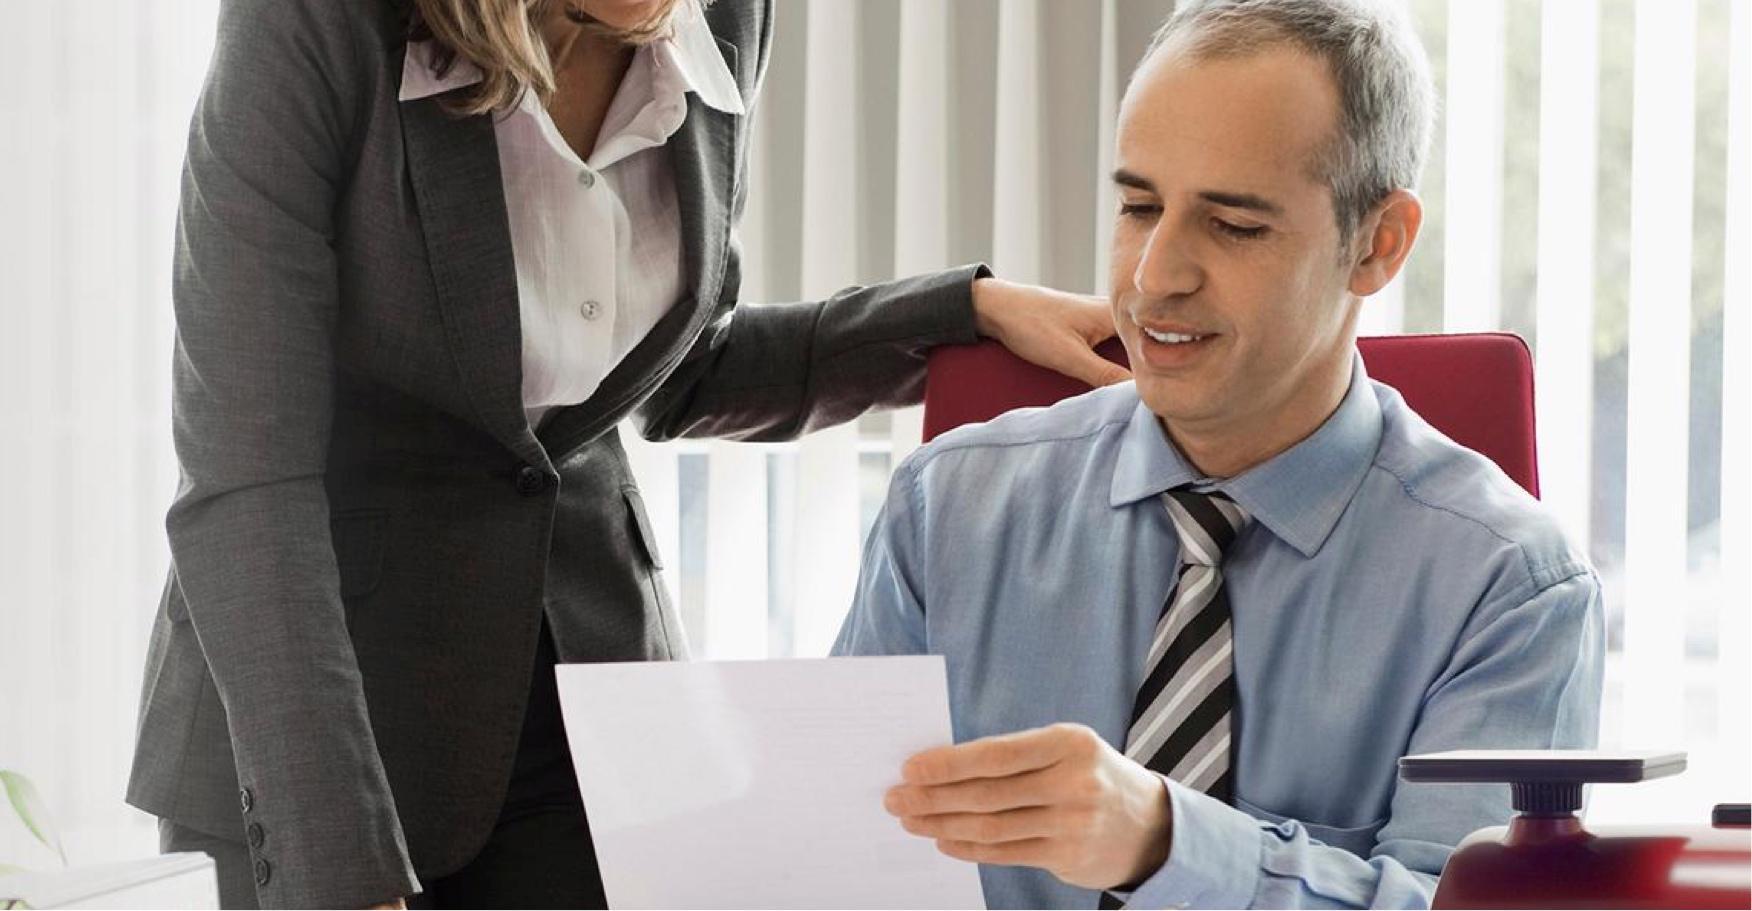 Mann und Frau in Businesskleidung besprechen Dokument